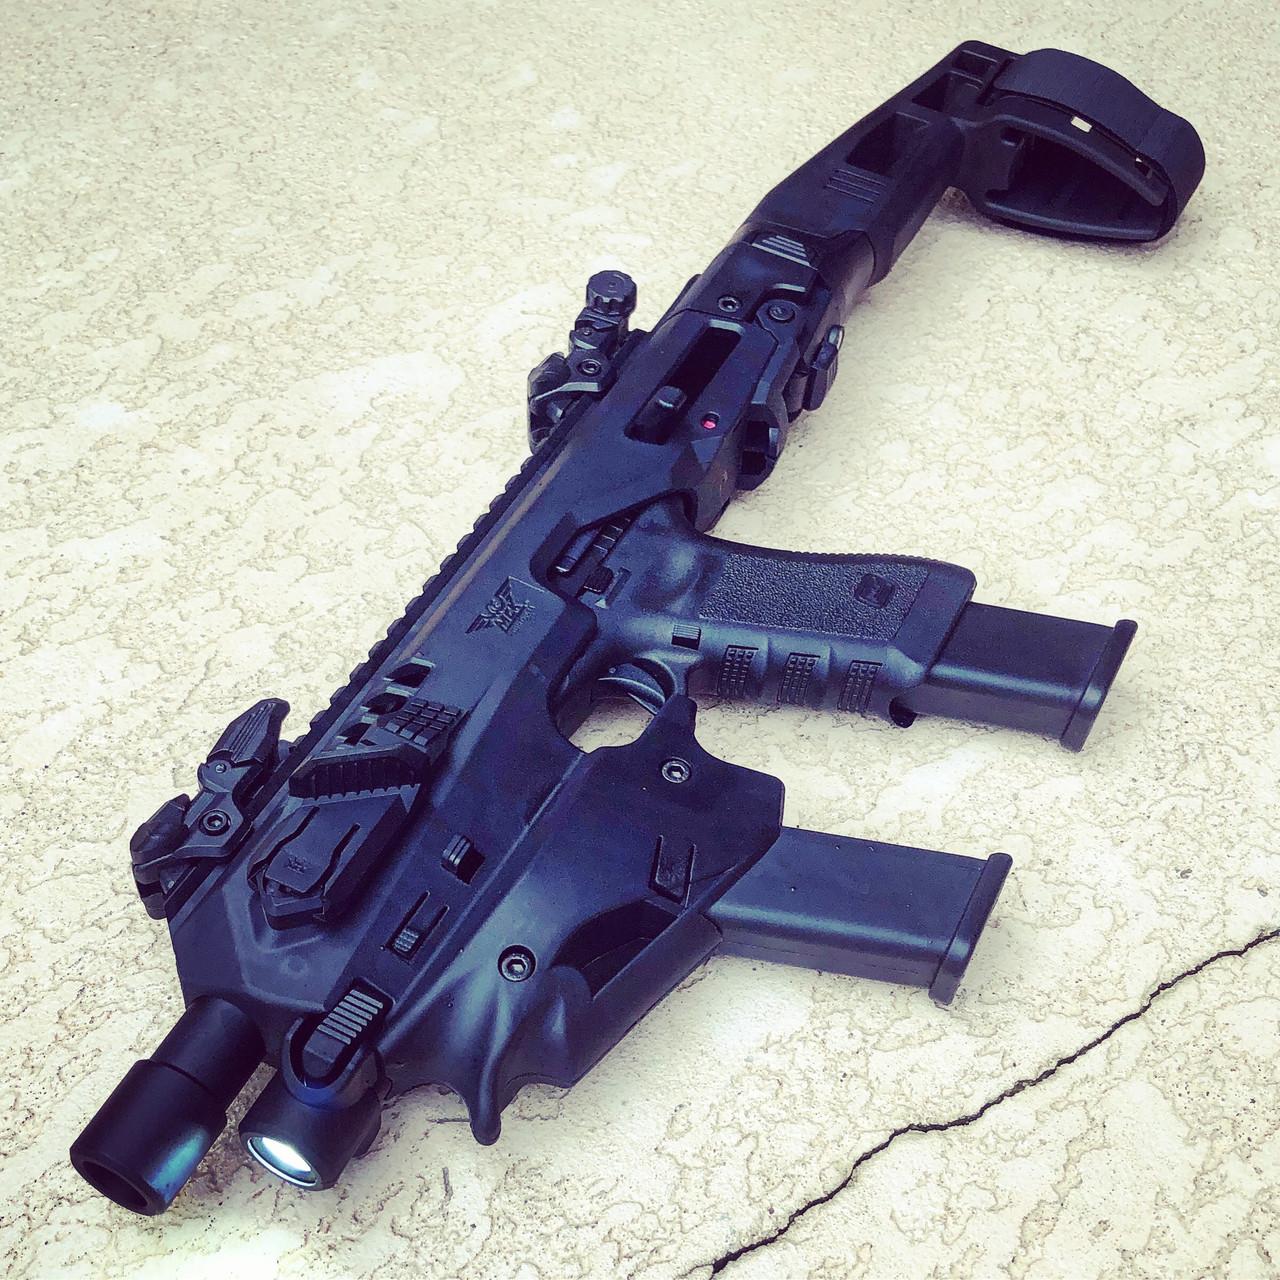 MCK STAGE 1 ( Glock 17/19/19X/22/23/31/32/45)